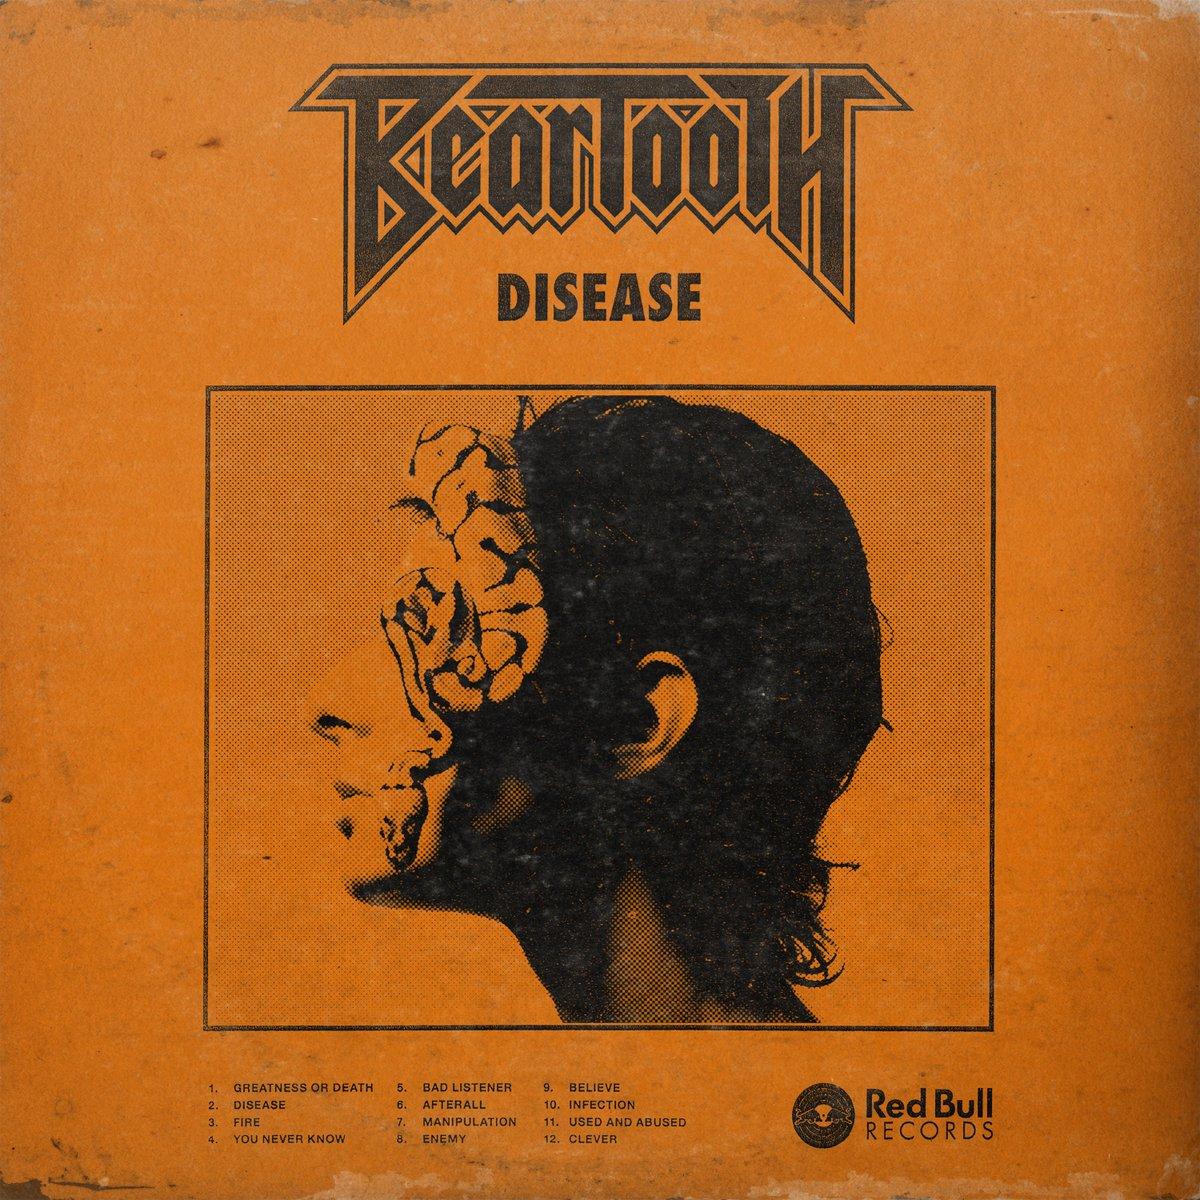 beartooth_disease.jpg